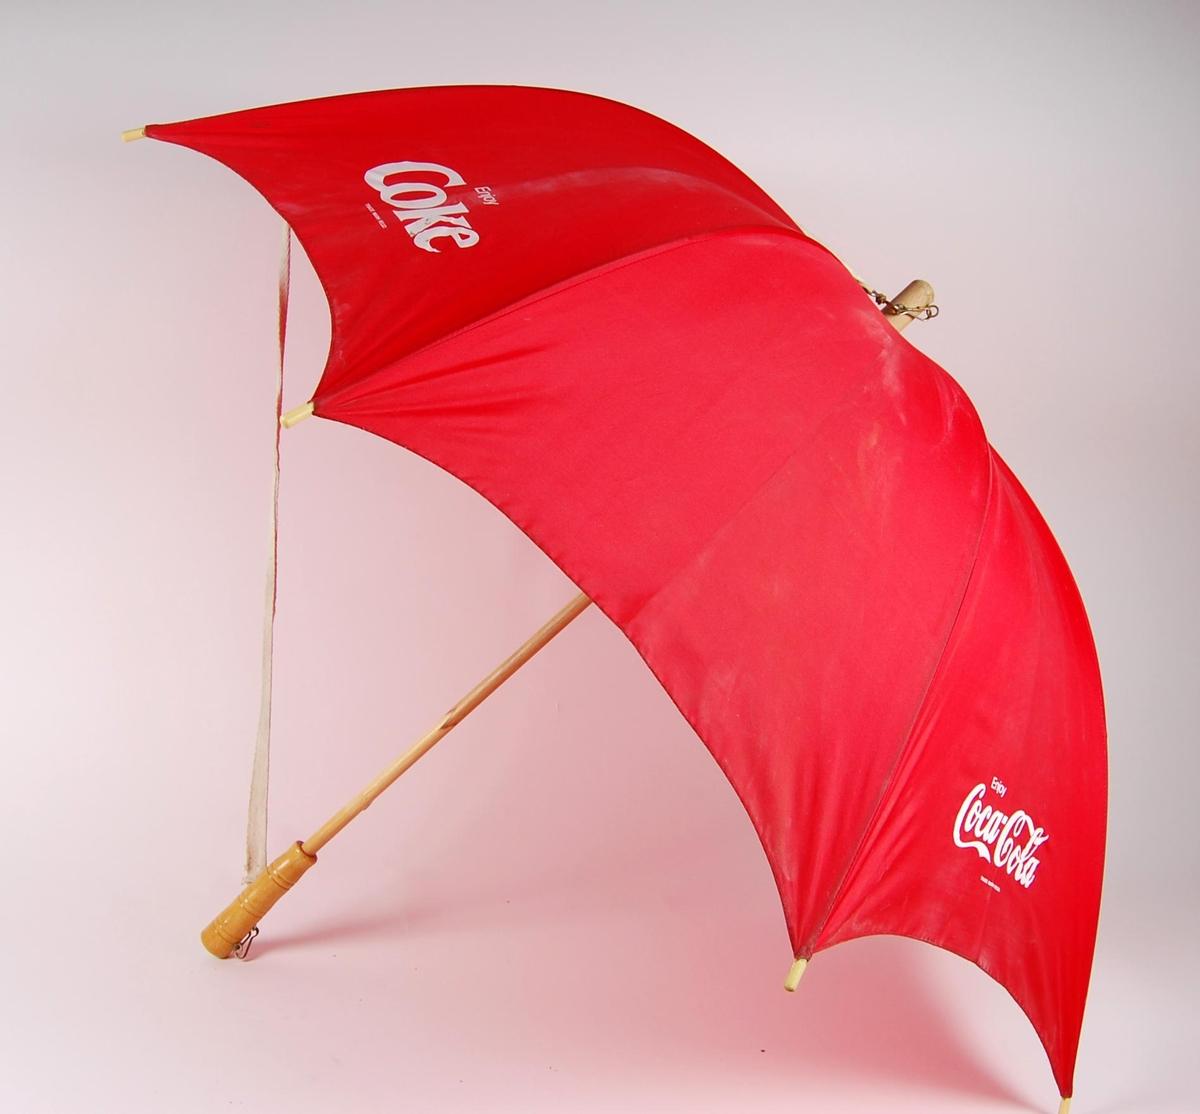 Rød paraply av nykonstoff og trestang inni. Paraplyen har avtagbar bærestropp av et hvitt vevd bomullsbånd. . Coca Cola-reklame i hvitt trykt på paraplyen. Hvert motiv er trykt to ganger.